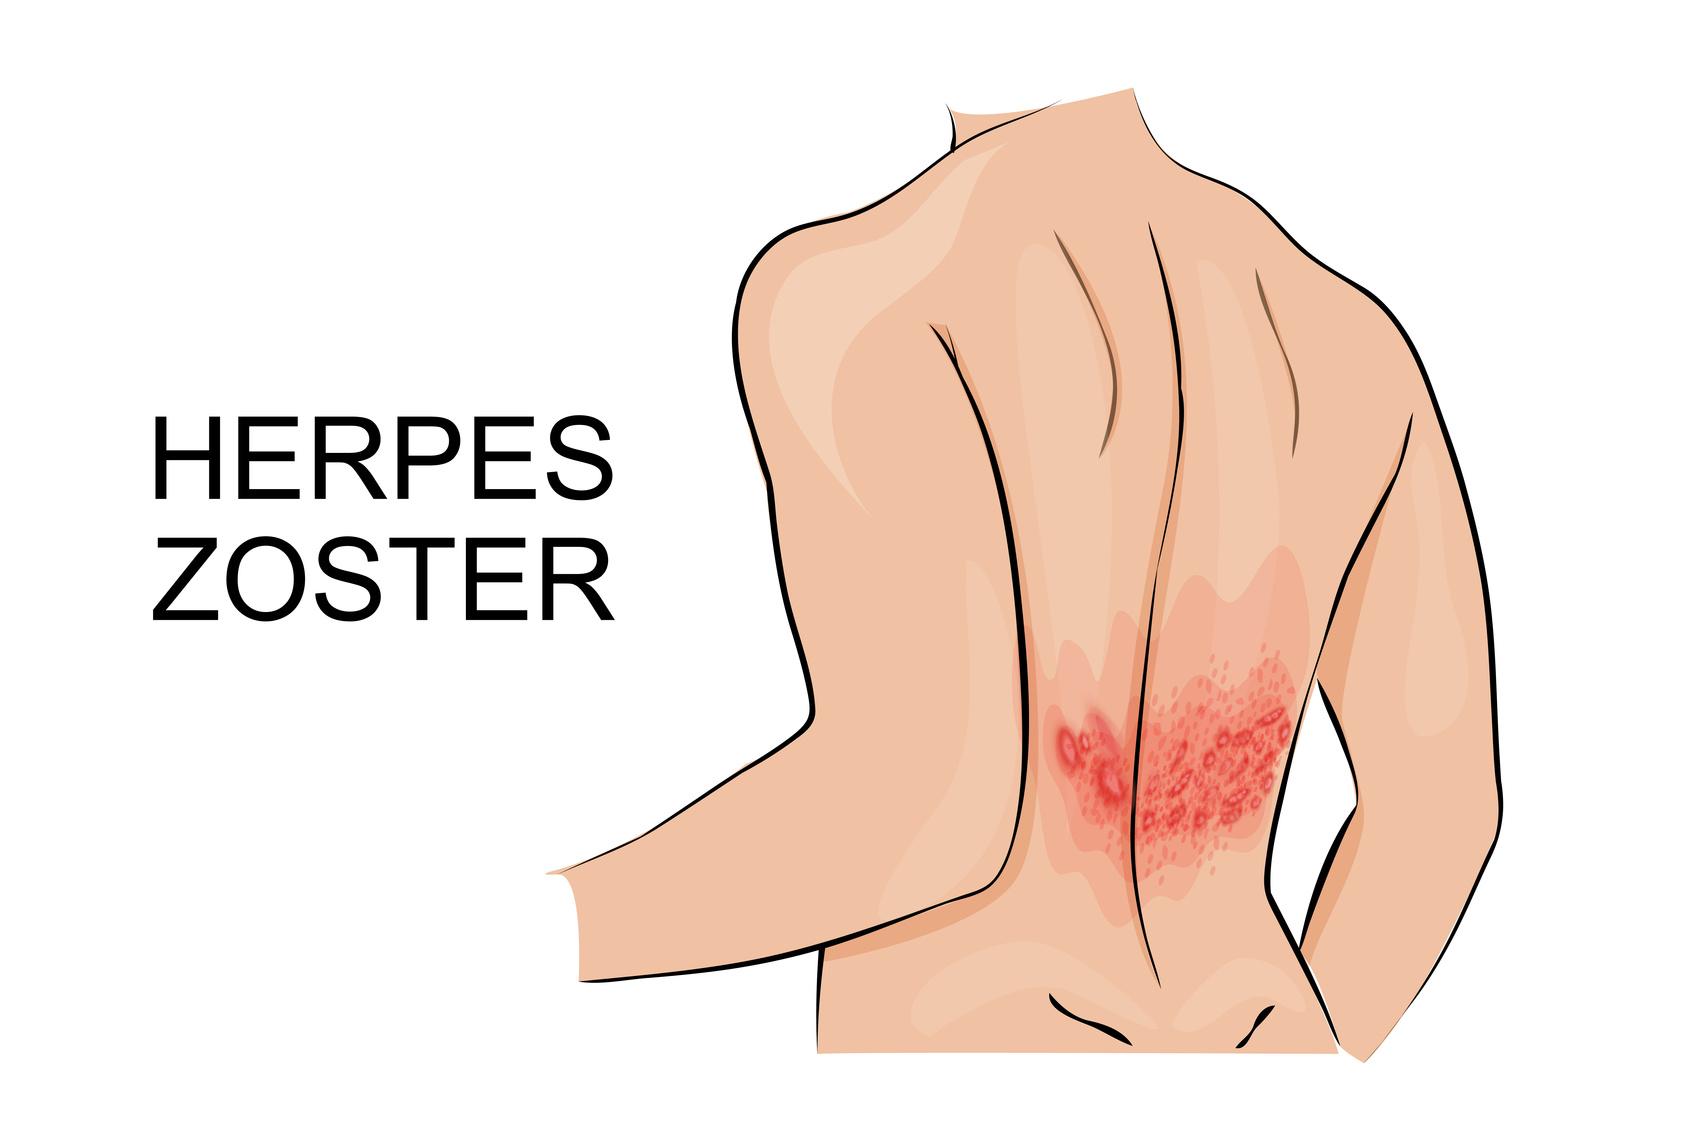 cual es el origen del herpes zoster